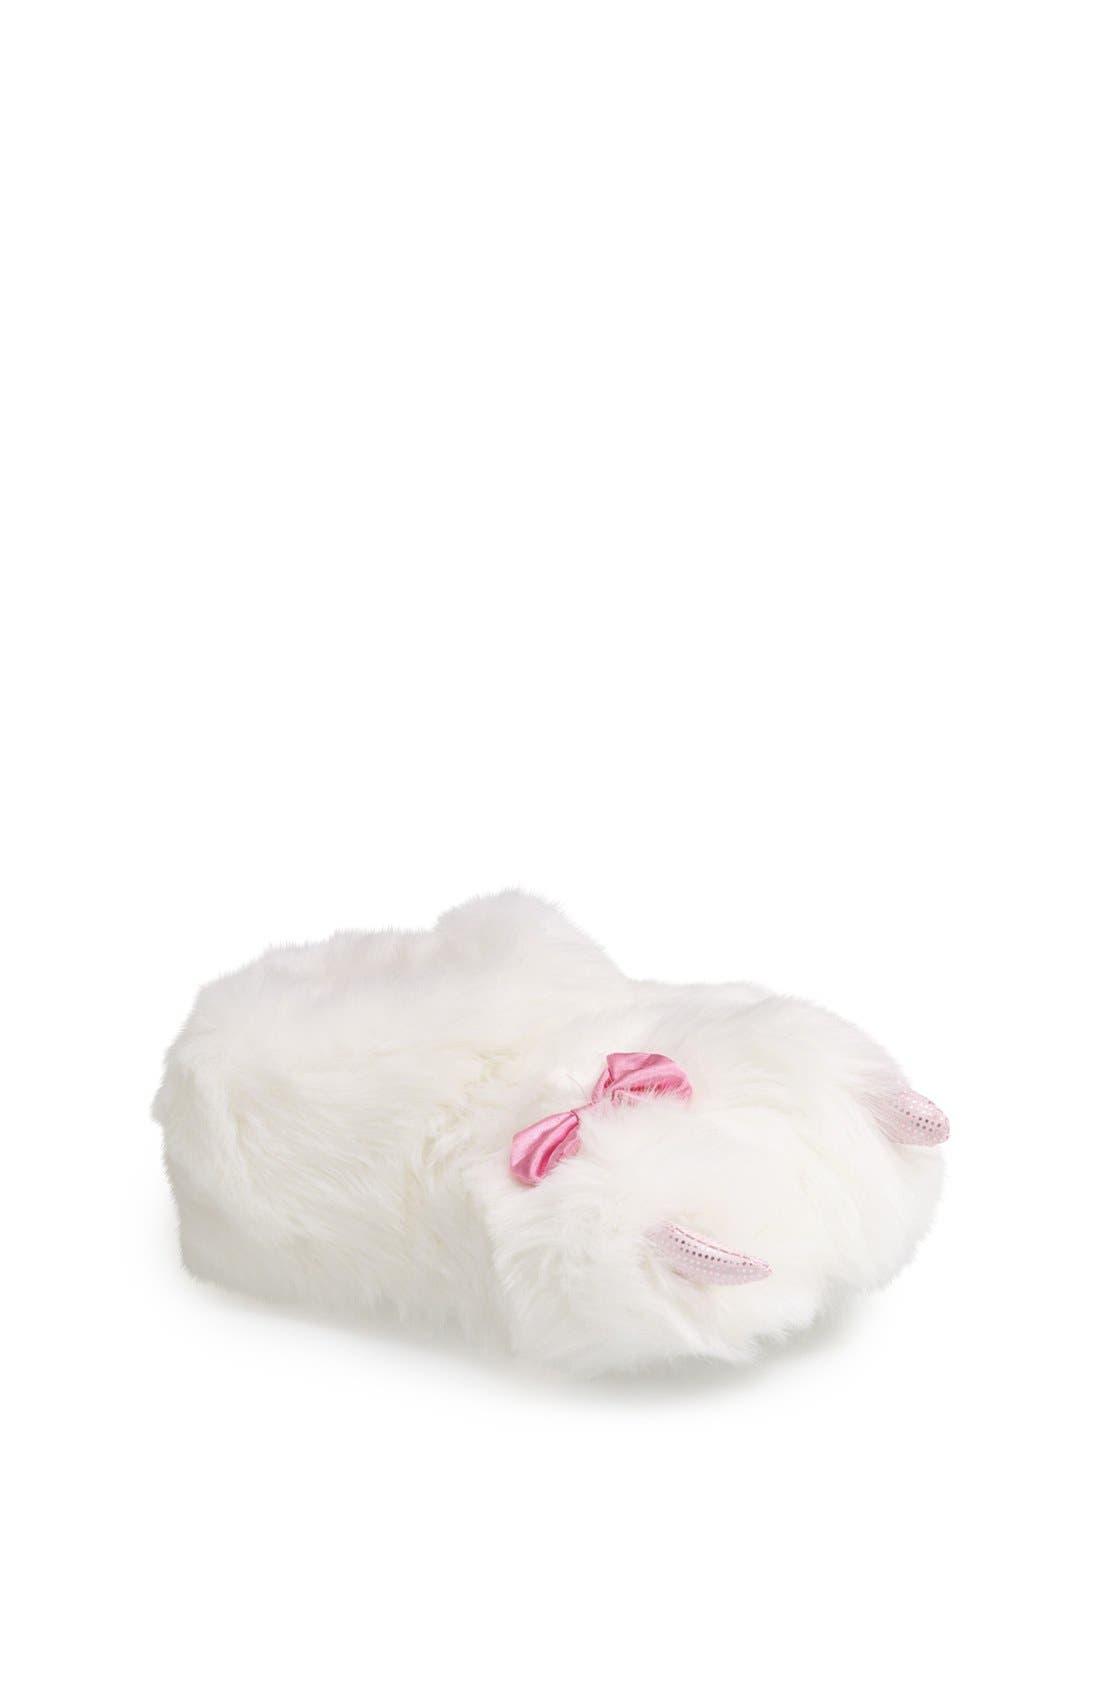 Main Image - Stride Rite 'Chloe' Bear Claw Slipper (Toddler Girls & Little Girls)